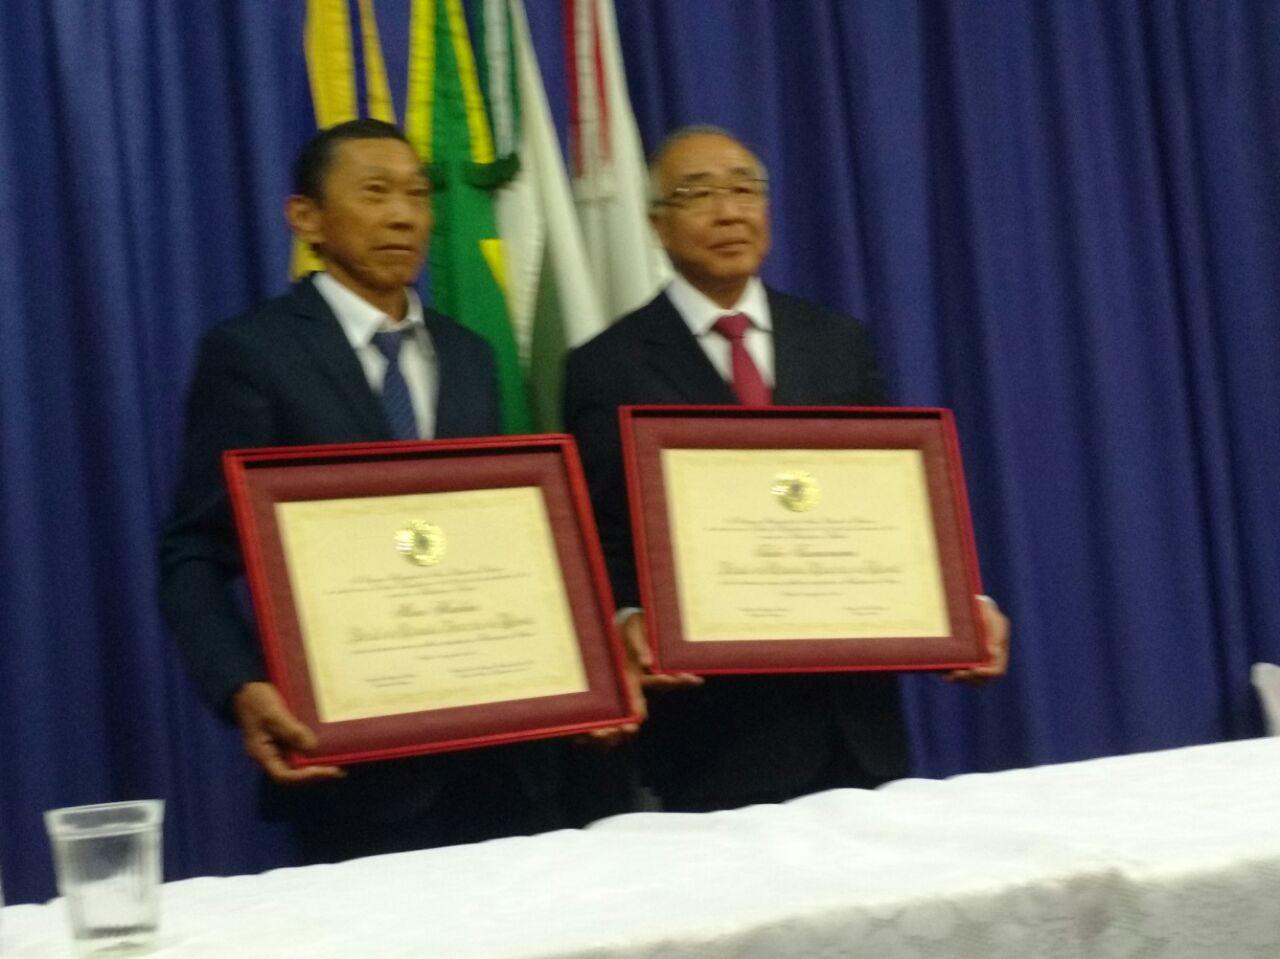 Sessão Solene de Entrega de Titulo de Cidadão Emérito de Assaí aos Senhores Mário Hirakuri e Takeo Tsumanuma